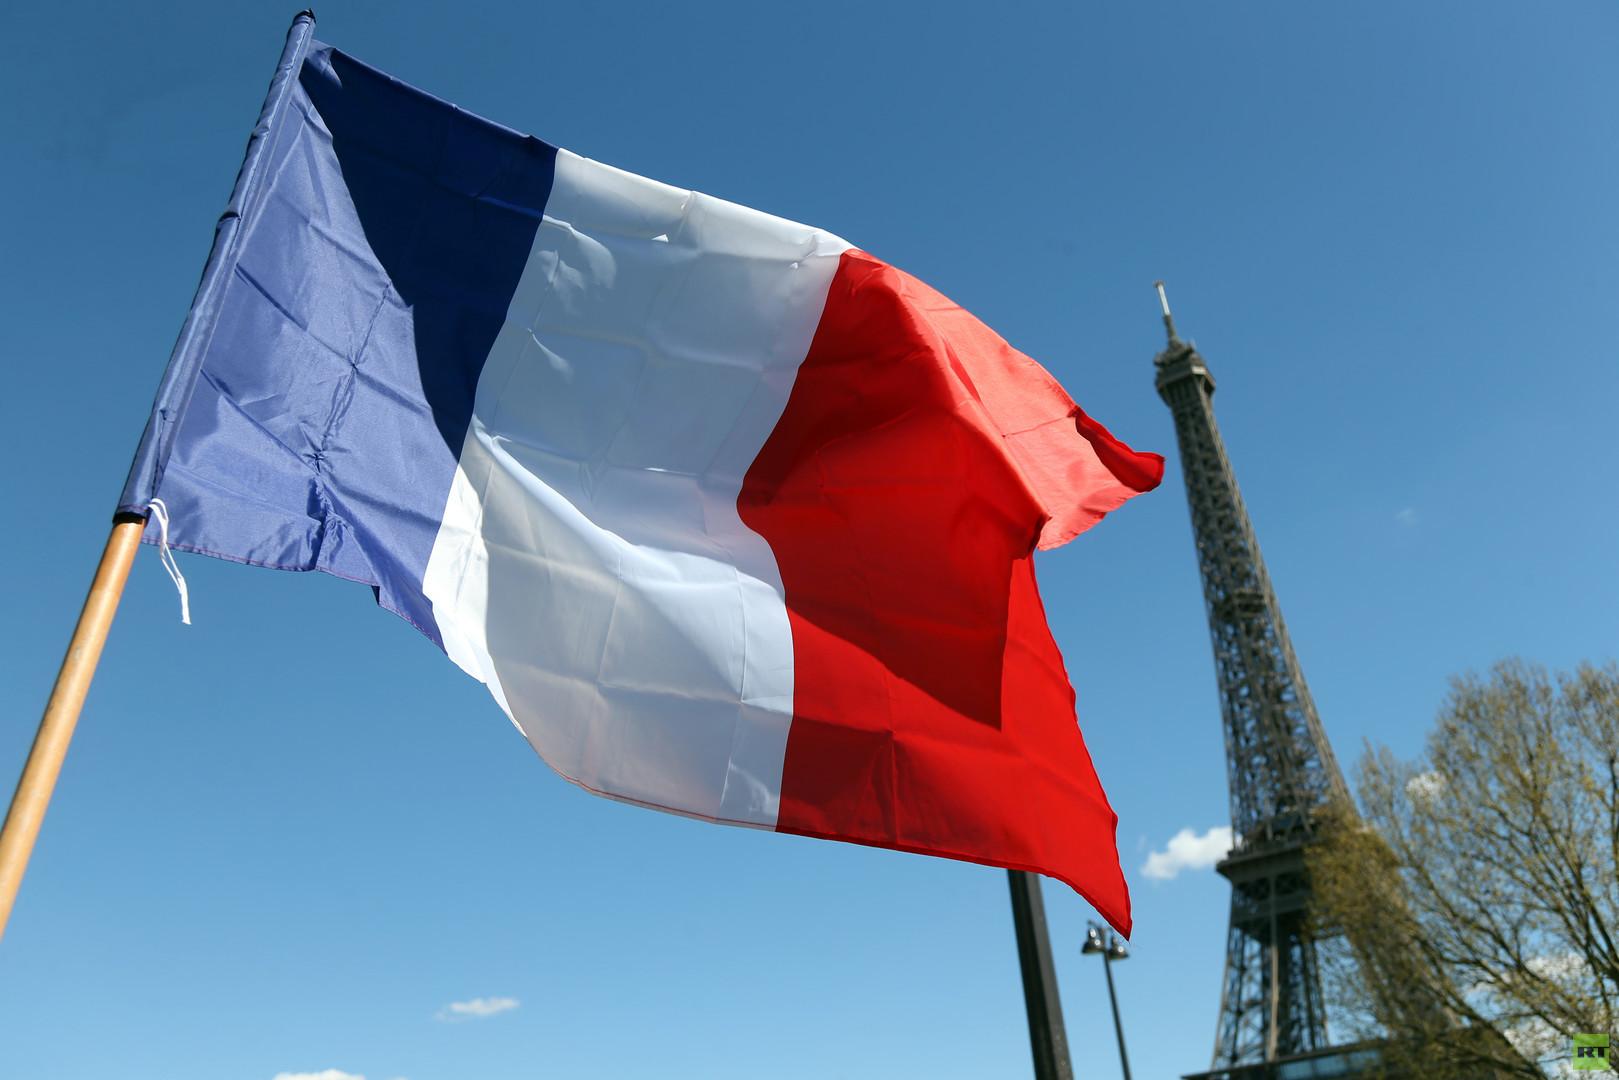 Экс-глава разведки Франции: Париж «промахнулся» и на Украине, и в Сирии